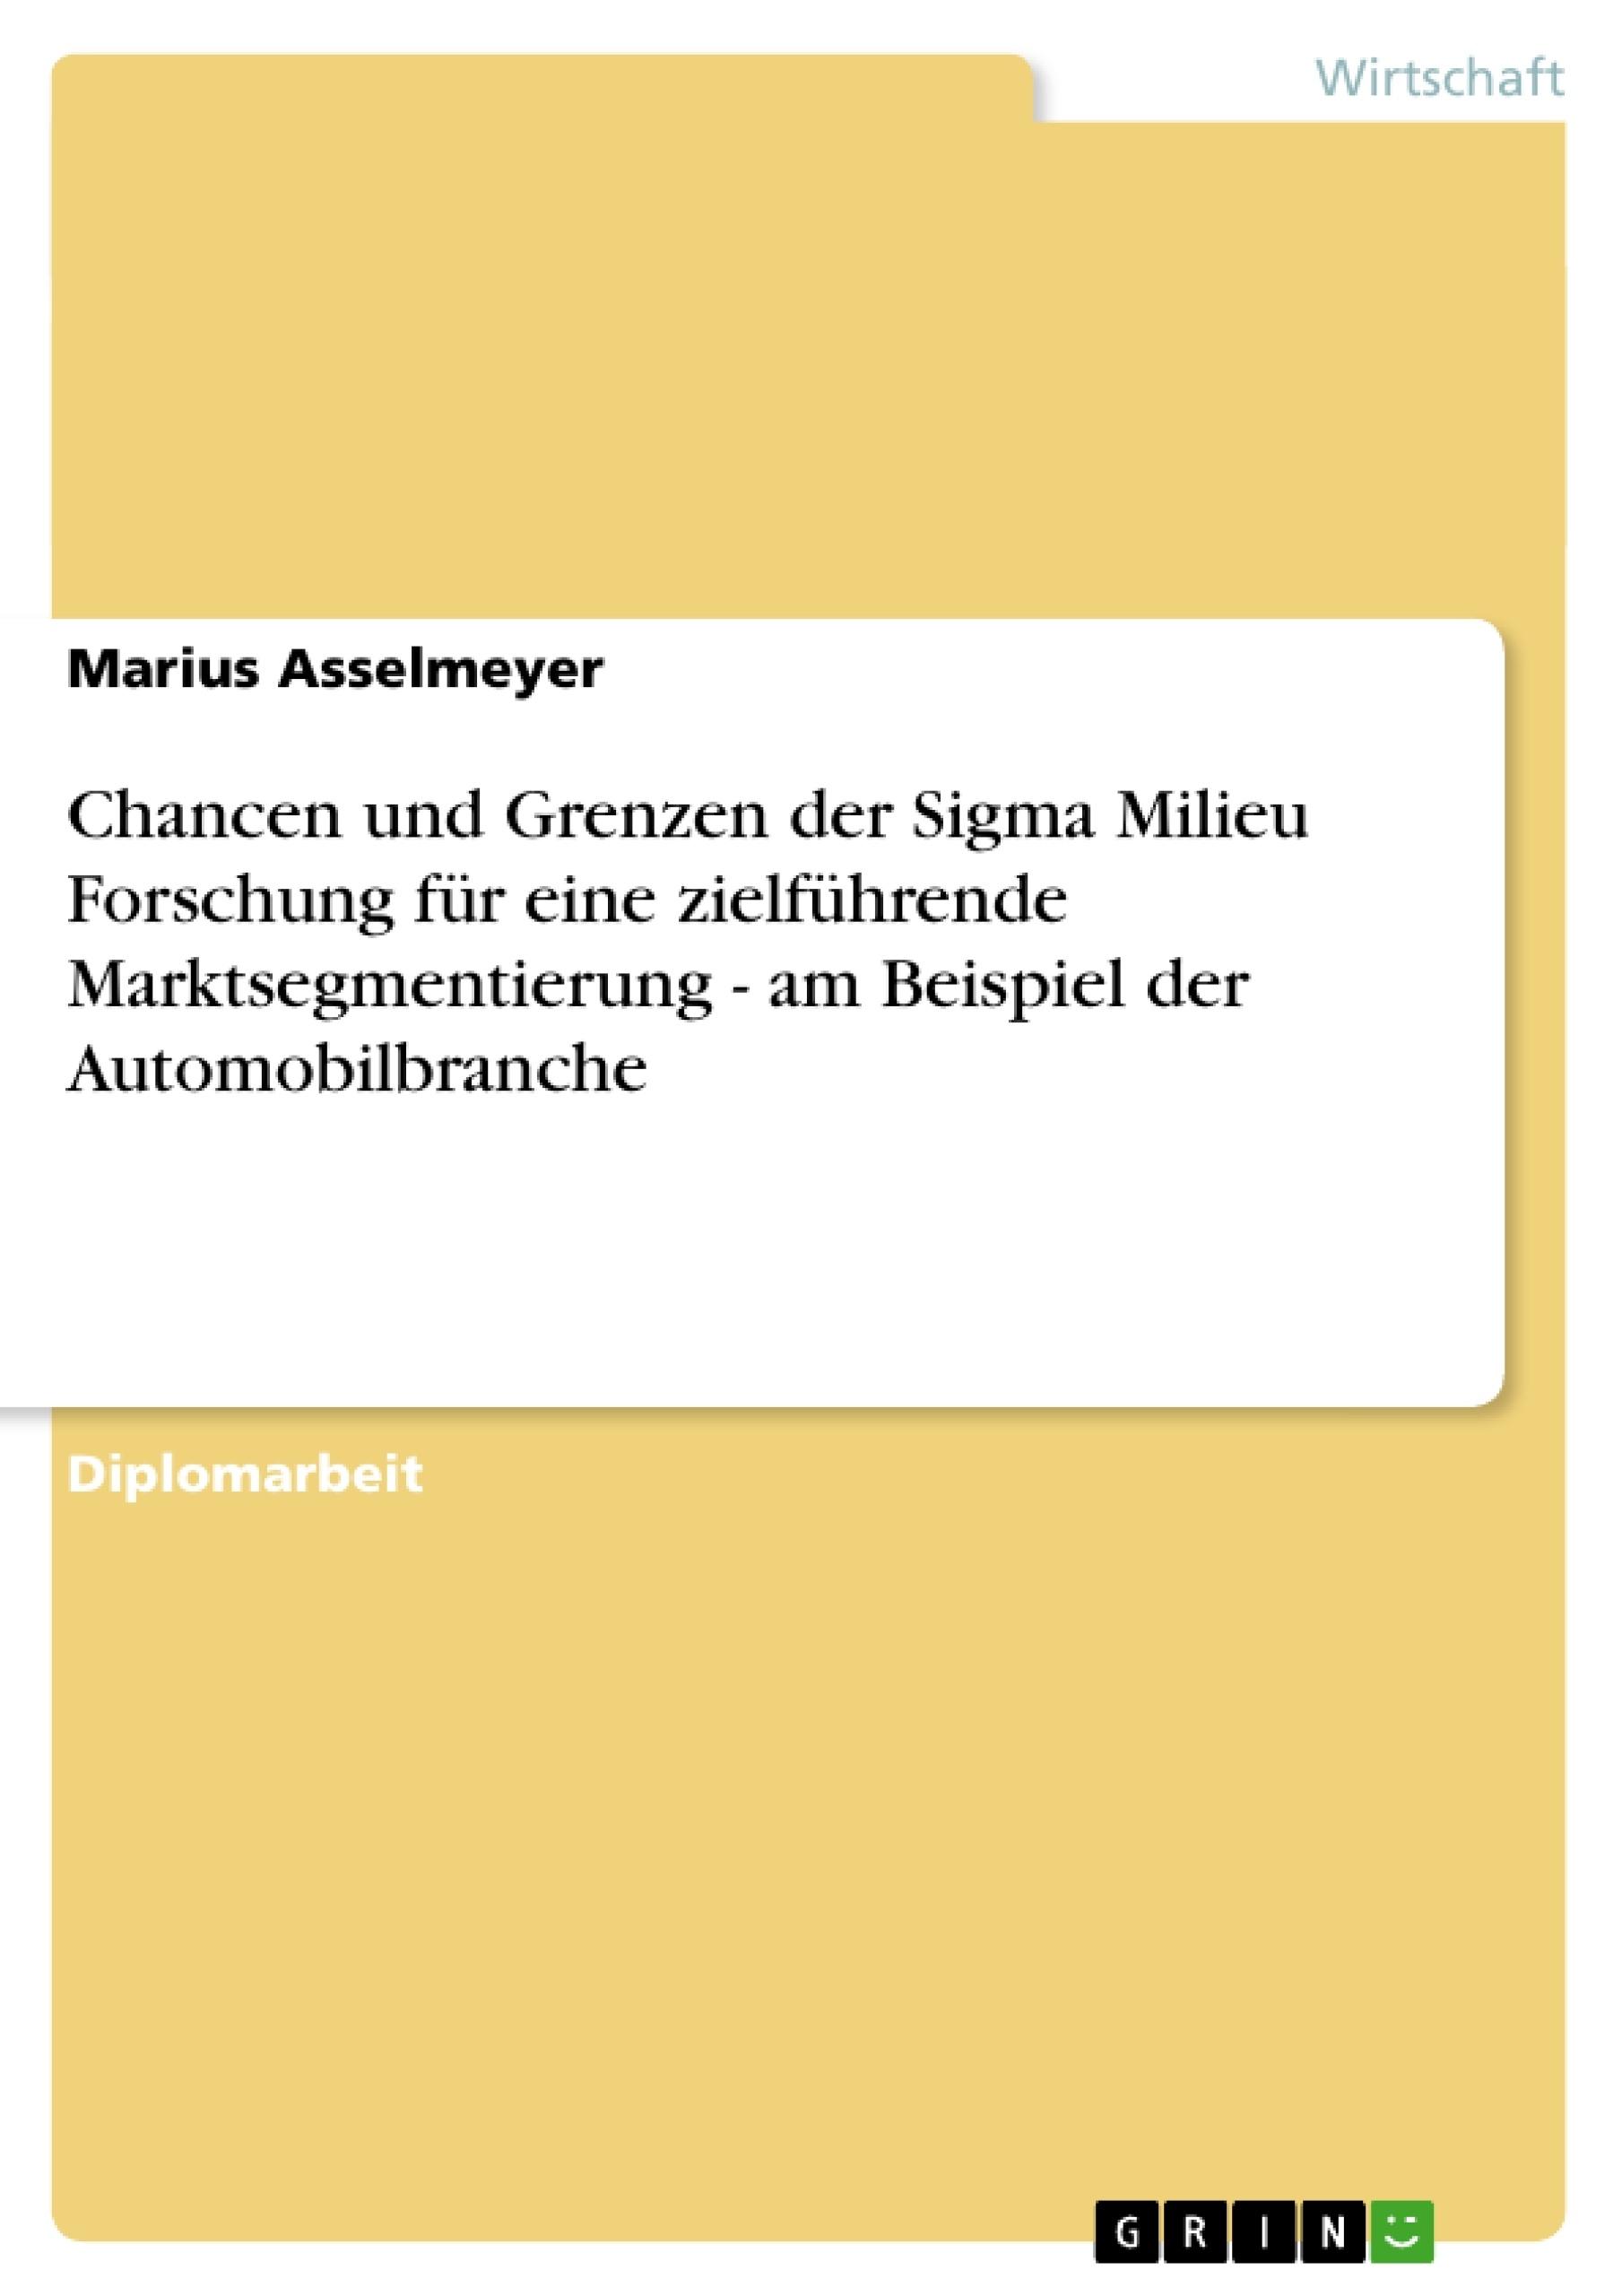 Titel: Chancen und Grenzen der Sigma Milieu Forschung für eine zielführende Marktsegmentierung - am Beispiel der Automobilbranche